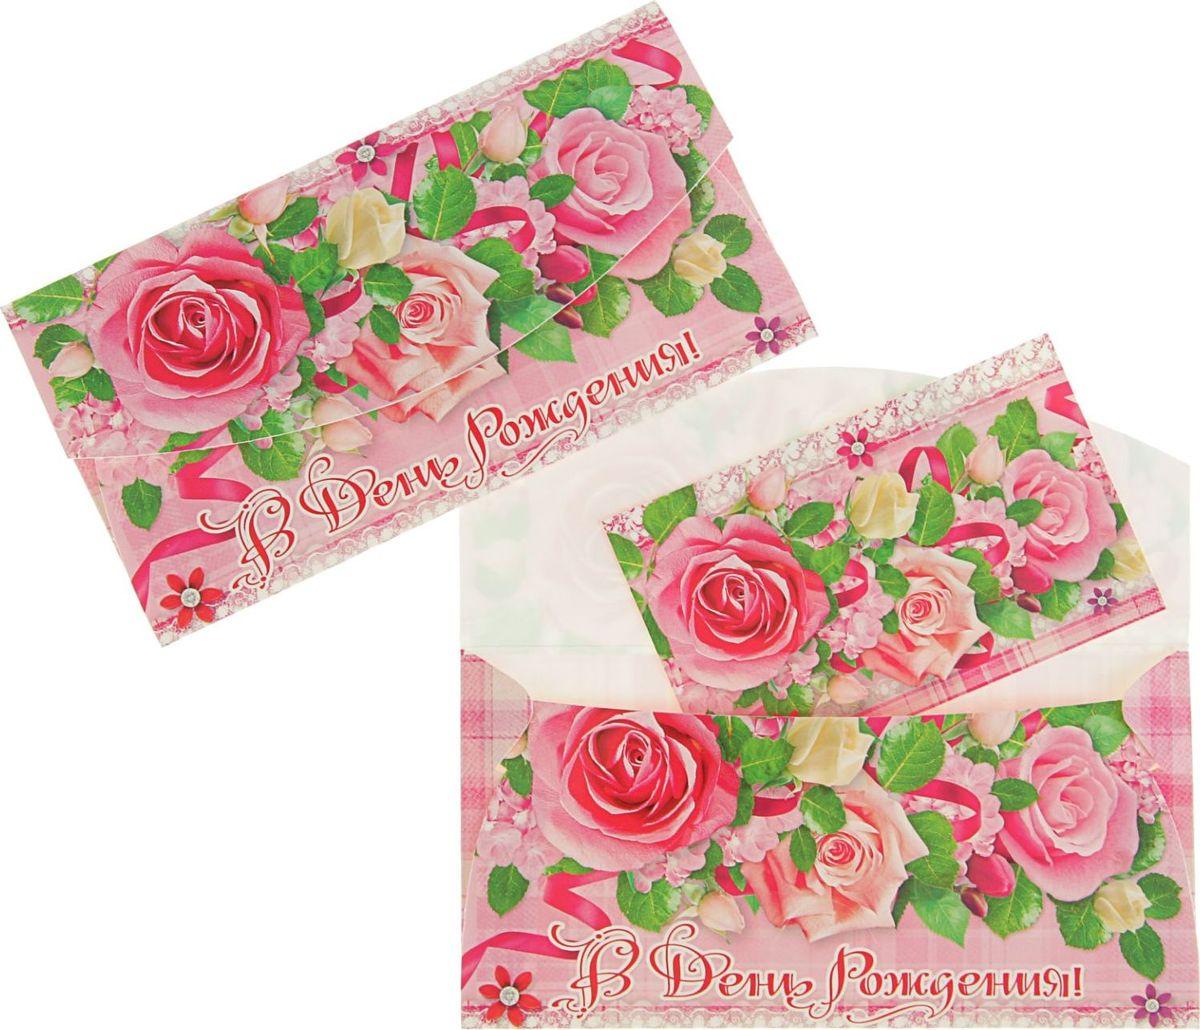 Конверт для денег Русский дизайн В День Рождения! Розы, розовый фон, 8,5 х 16,5 см1154177Невозможно представить нашу жизнь без праздников! Мы всегда ждём их и предвкушаем, обдумываем, как проведём памятный день, тщательно выбираем подарки и аксессуары, ведь именно они создают и поддерживают торжественный настрой. Этот конверт - отличный выбор, который привнесёт атмосферу праздника в ваш дом!